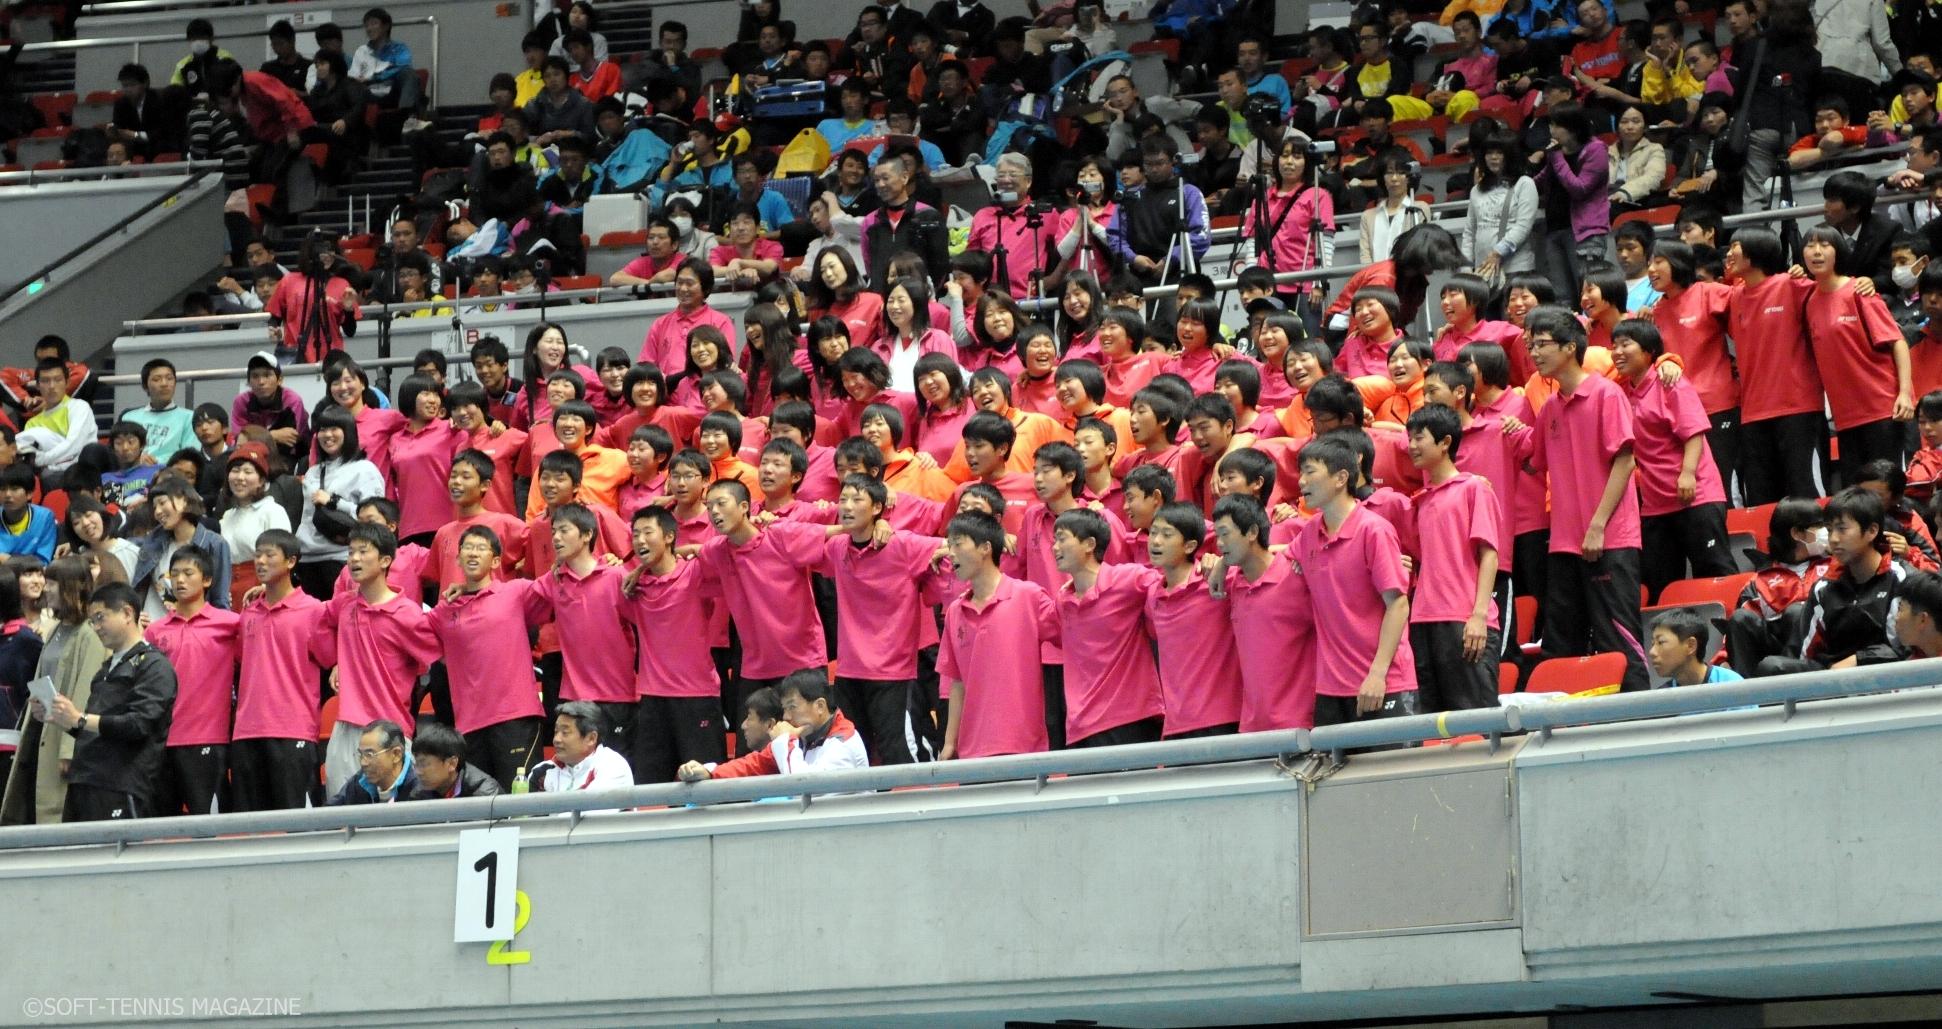 三重と同じ東海地方での開催、三重高のたくさんの仲間が声援を送っていた。「VIVA MIEKO!」